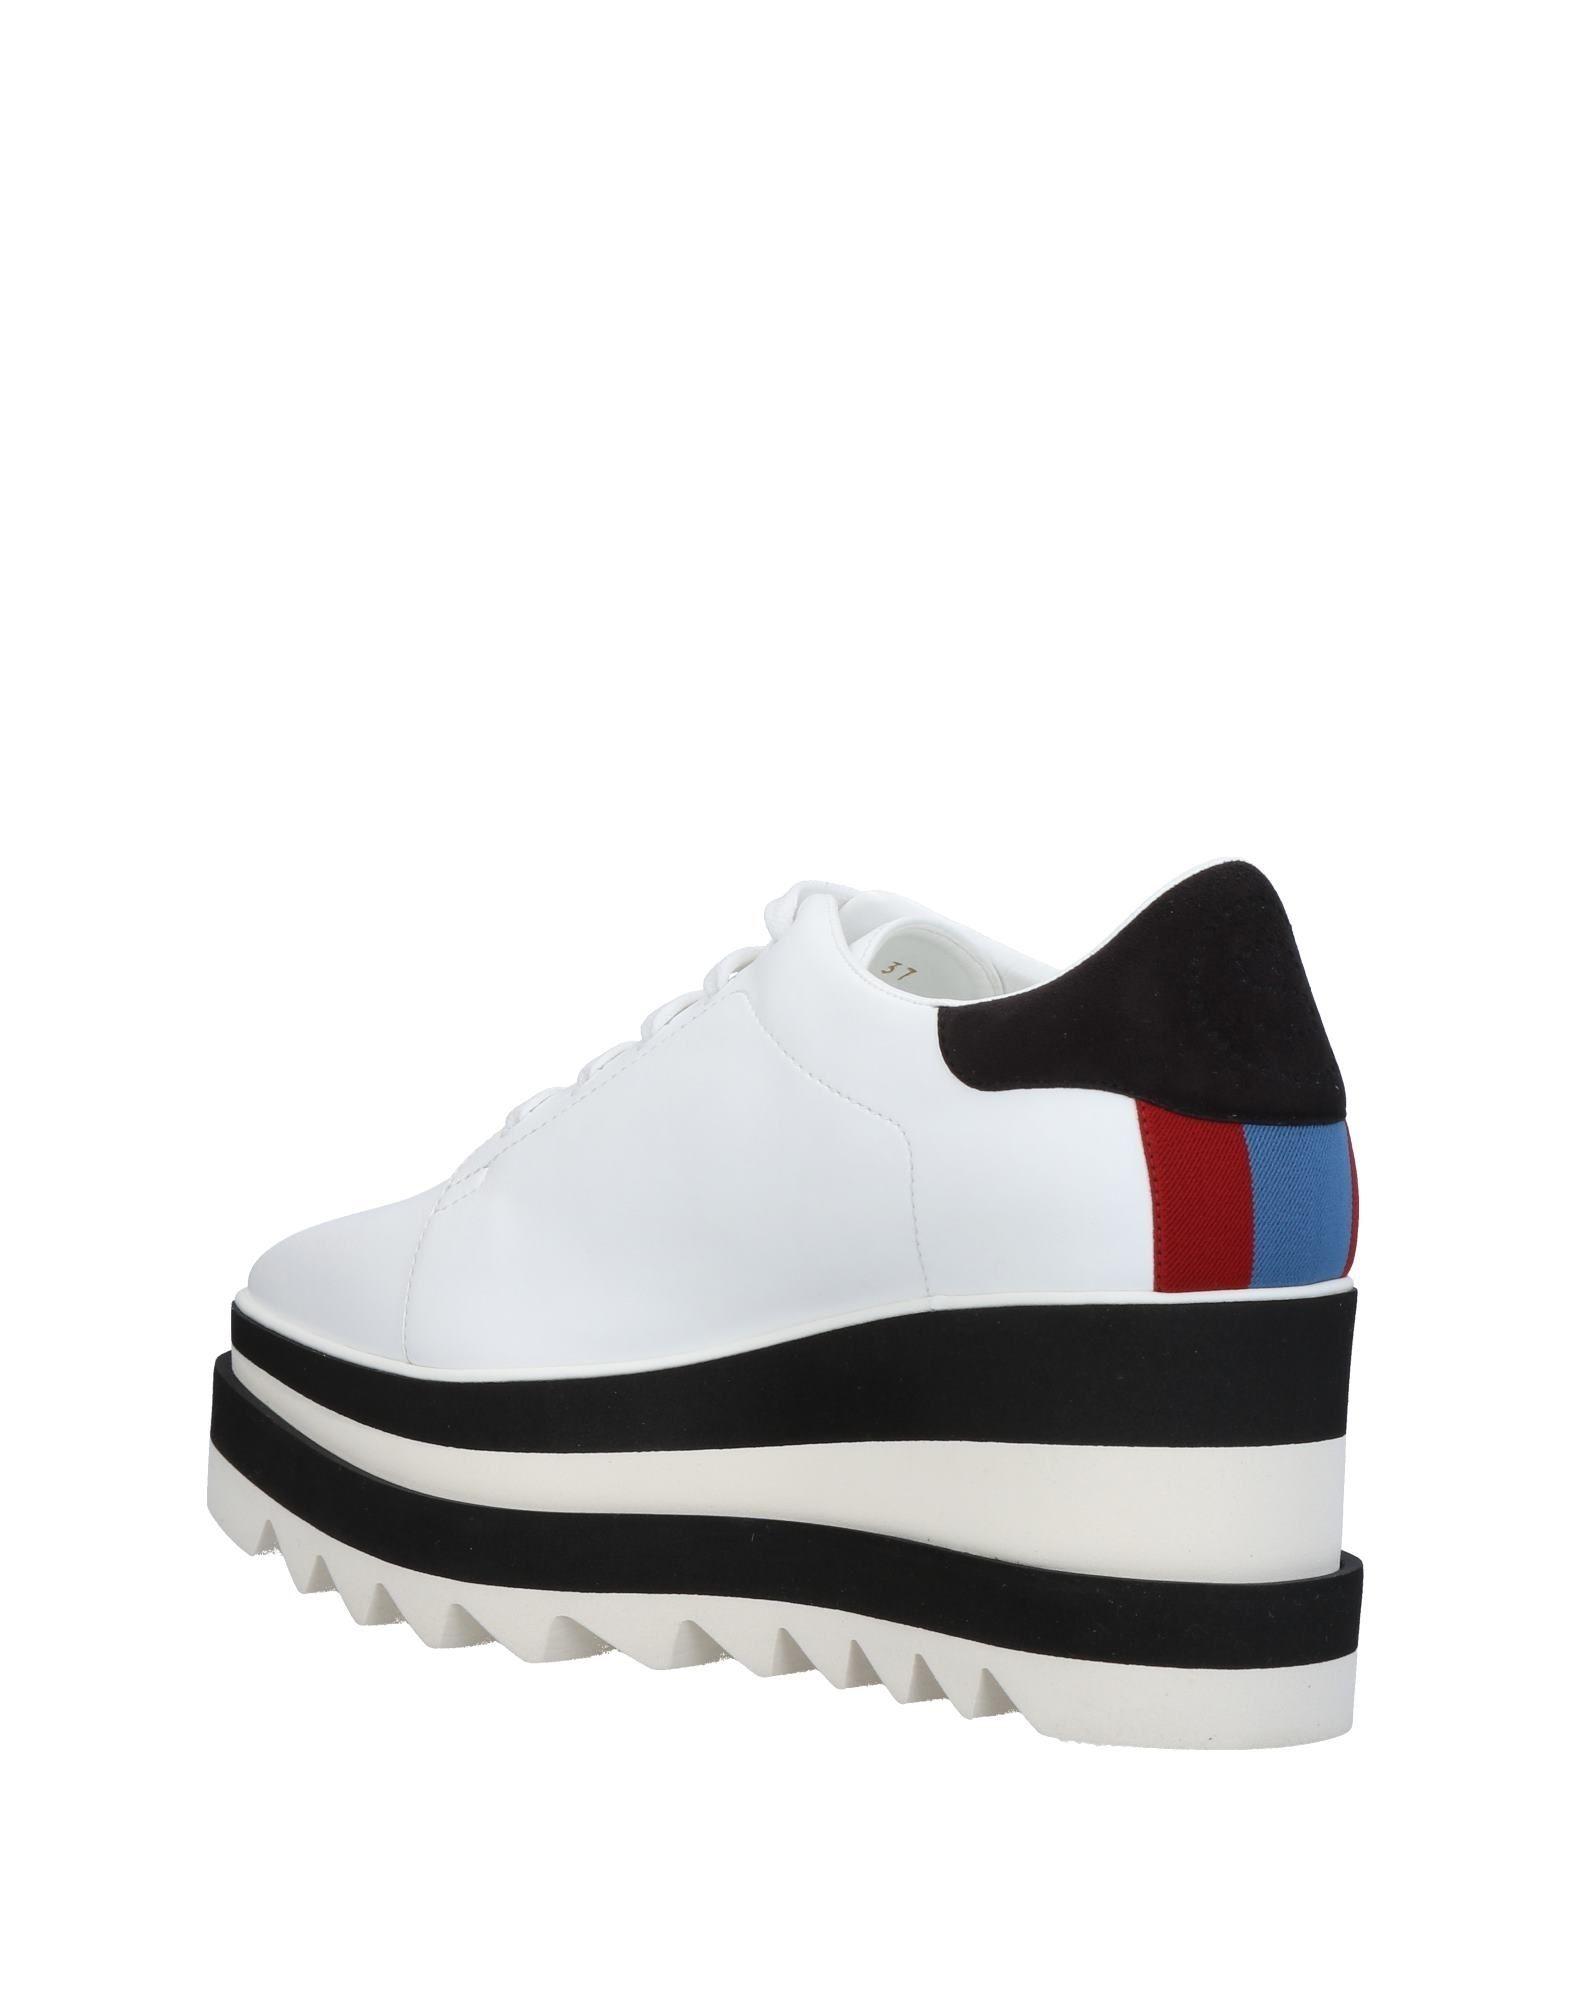 Stella Mccartney Sneakers 11422793DT Damen  11422793DT Sneakers Beliebte Schuhe 203f7c